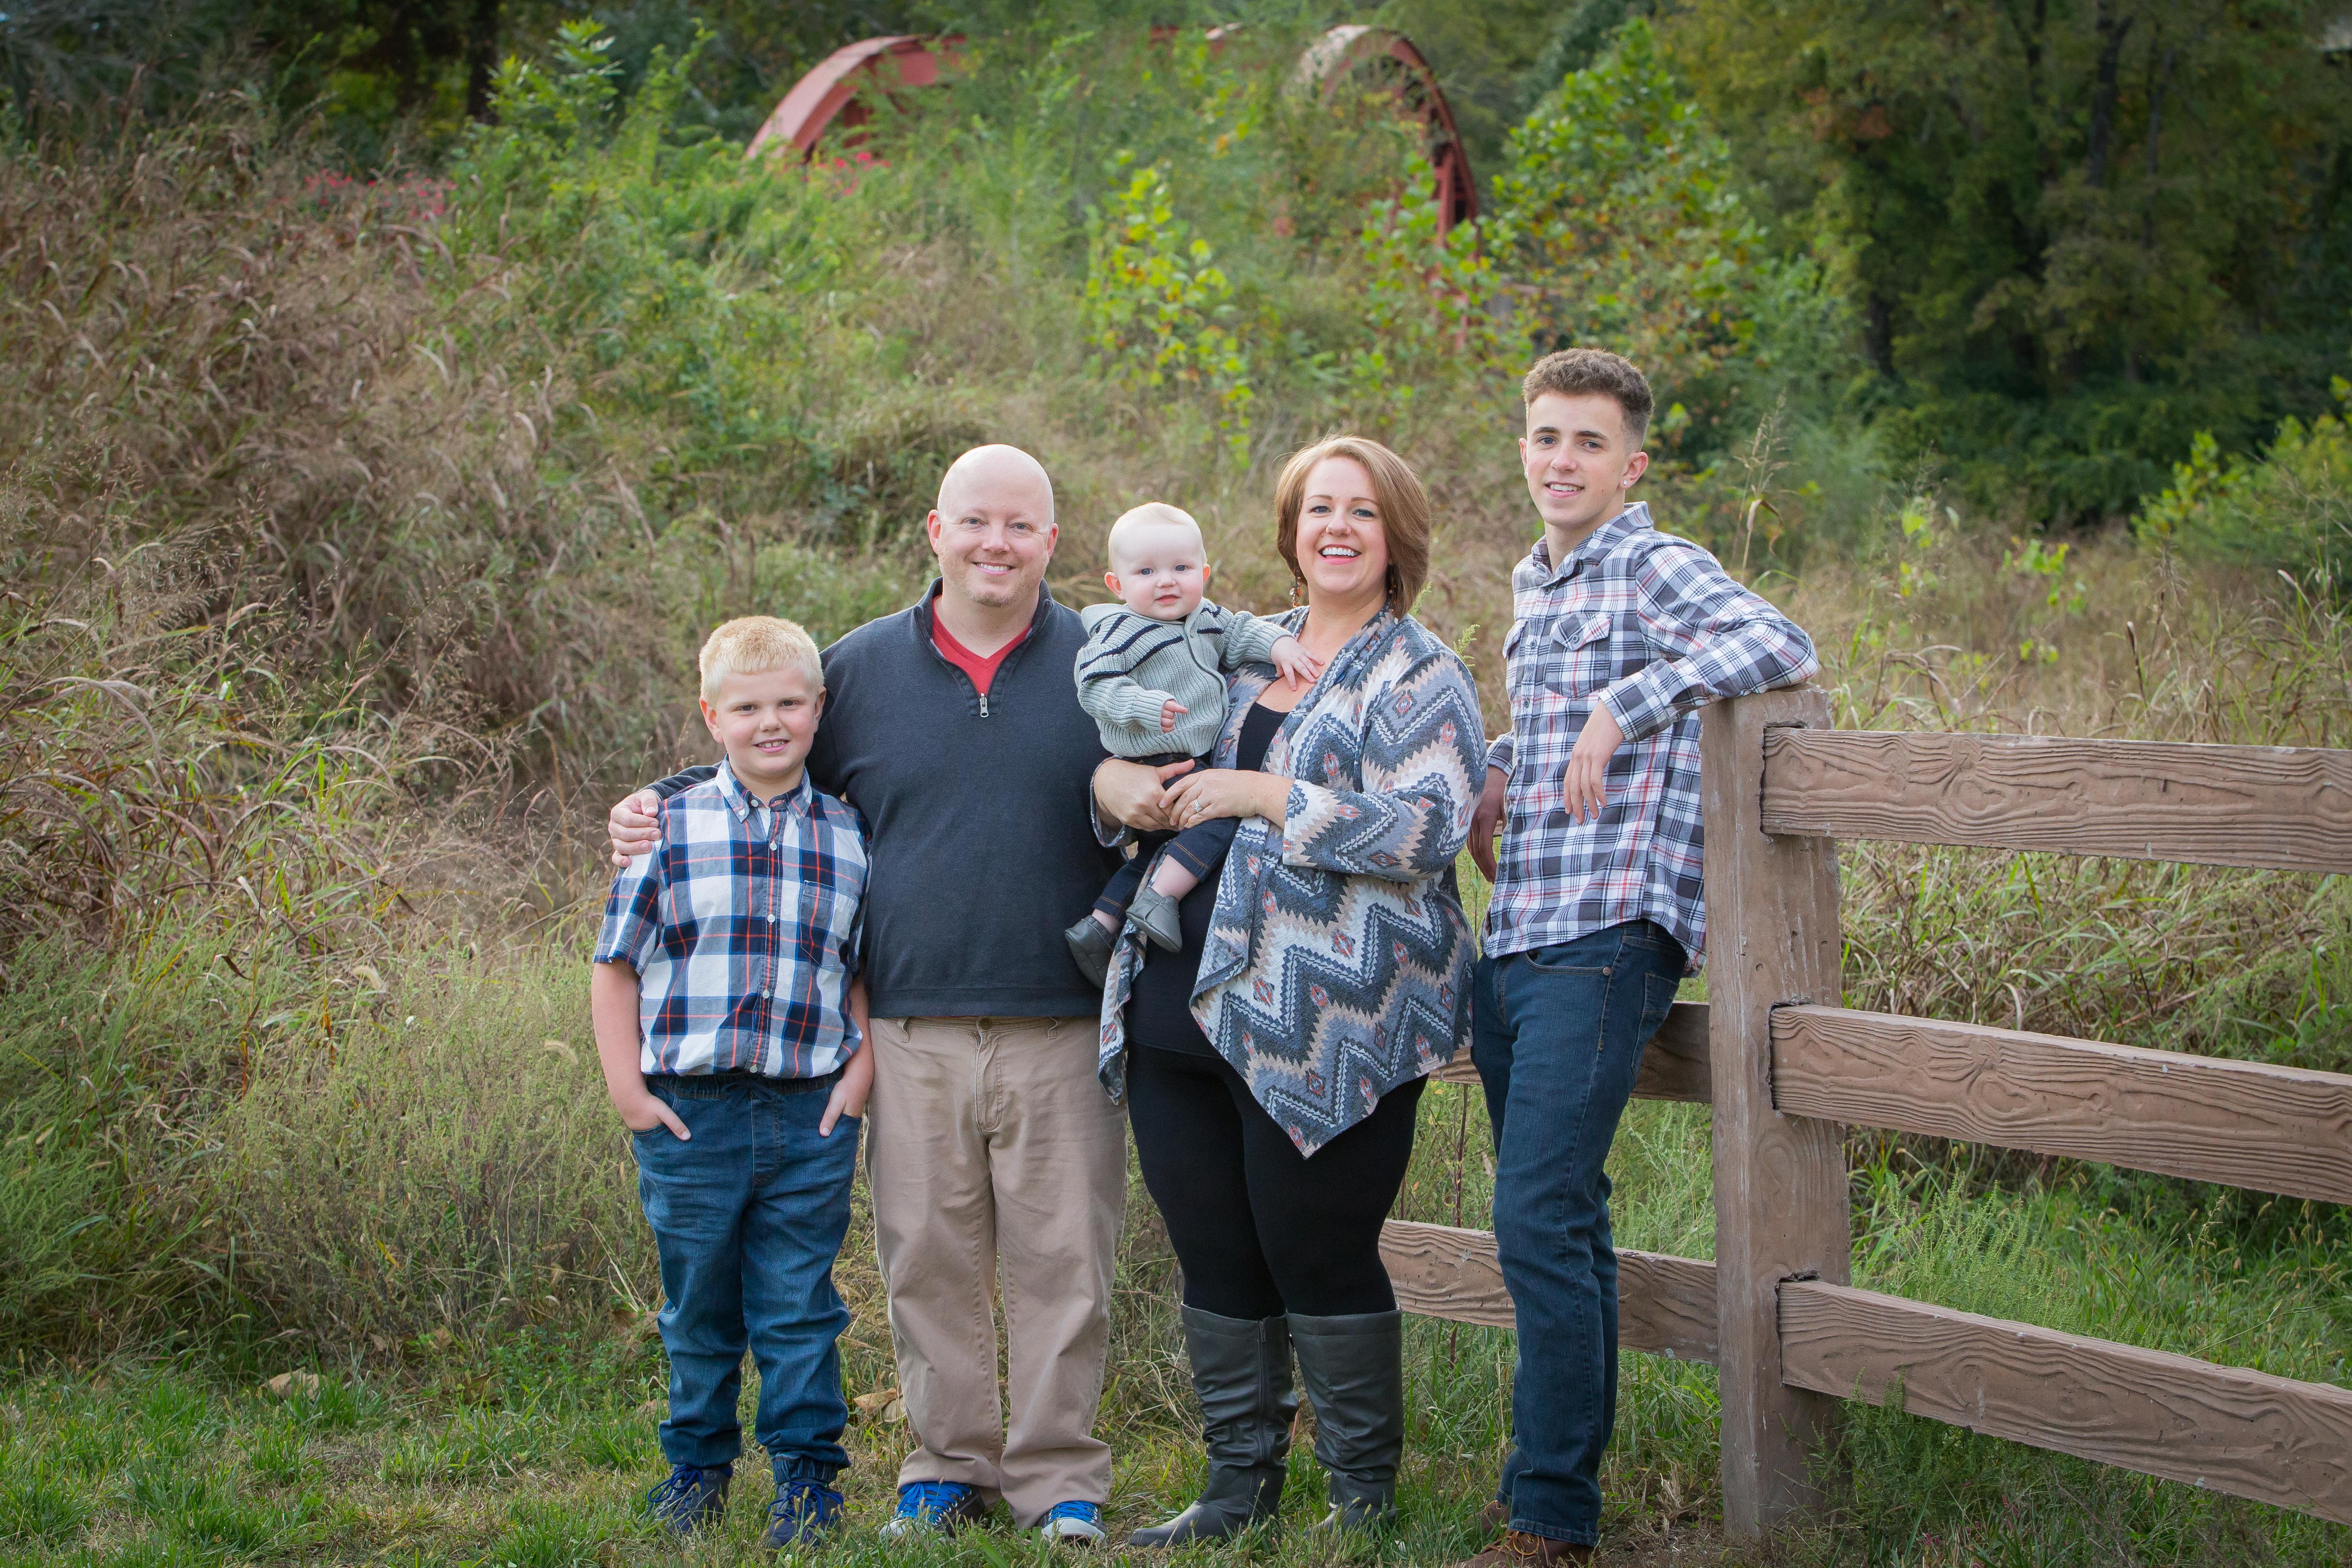 Family Photography Kansas City